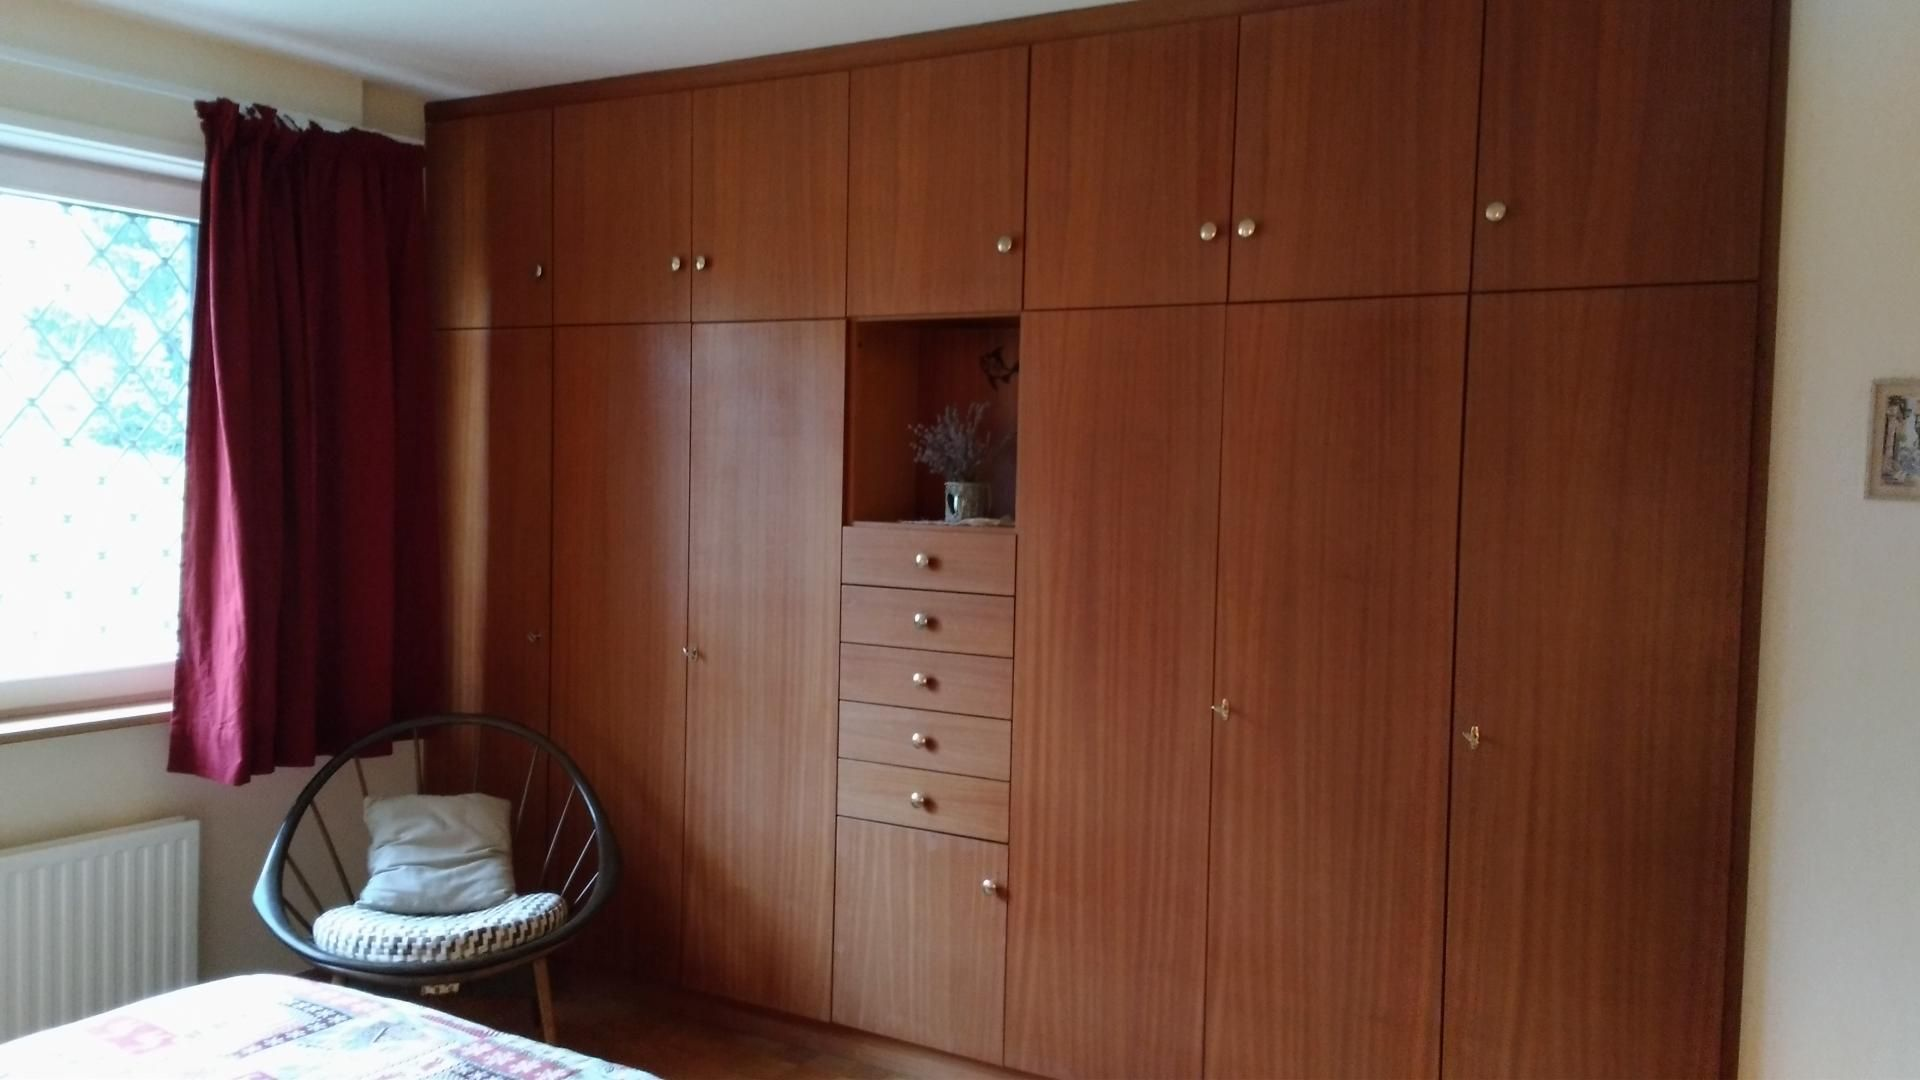 Chambre 1, Nombreux rangements, fauteuil